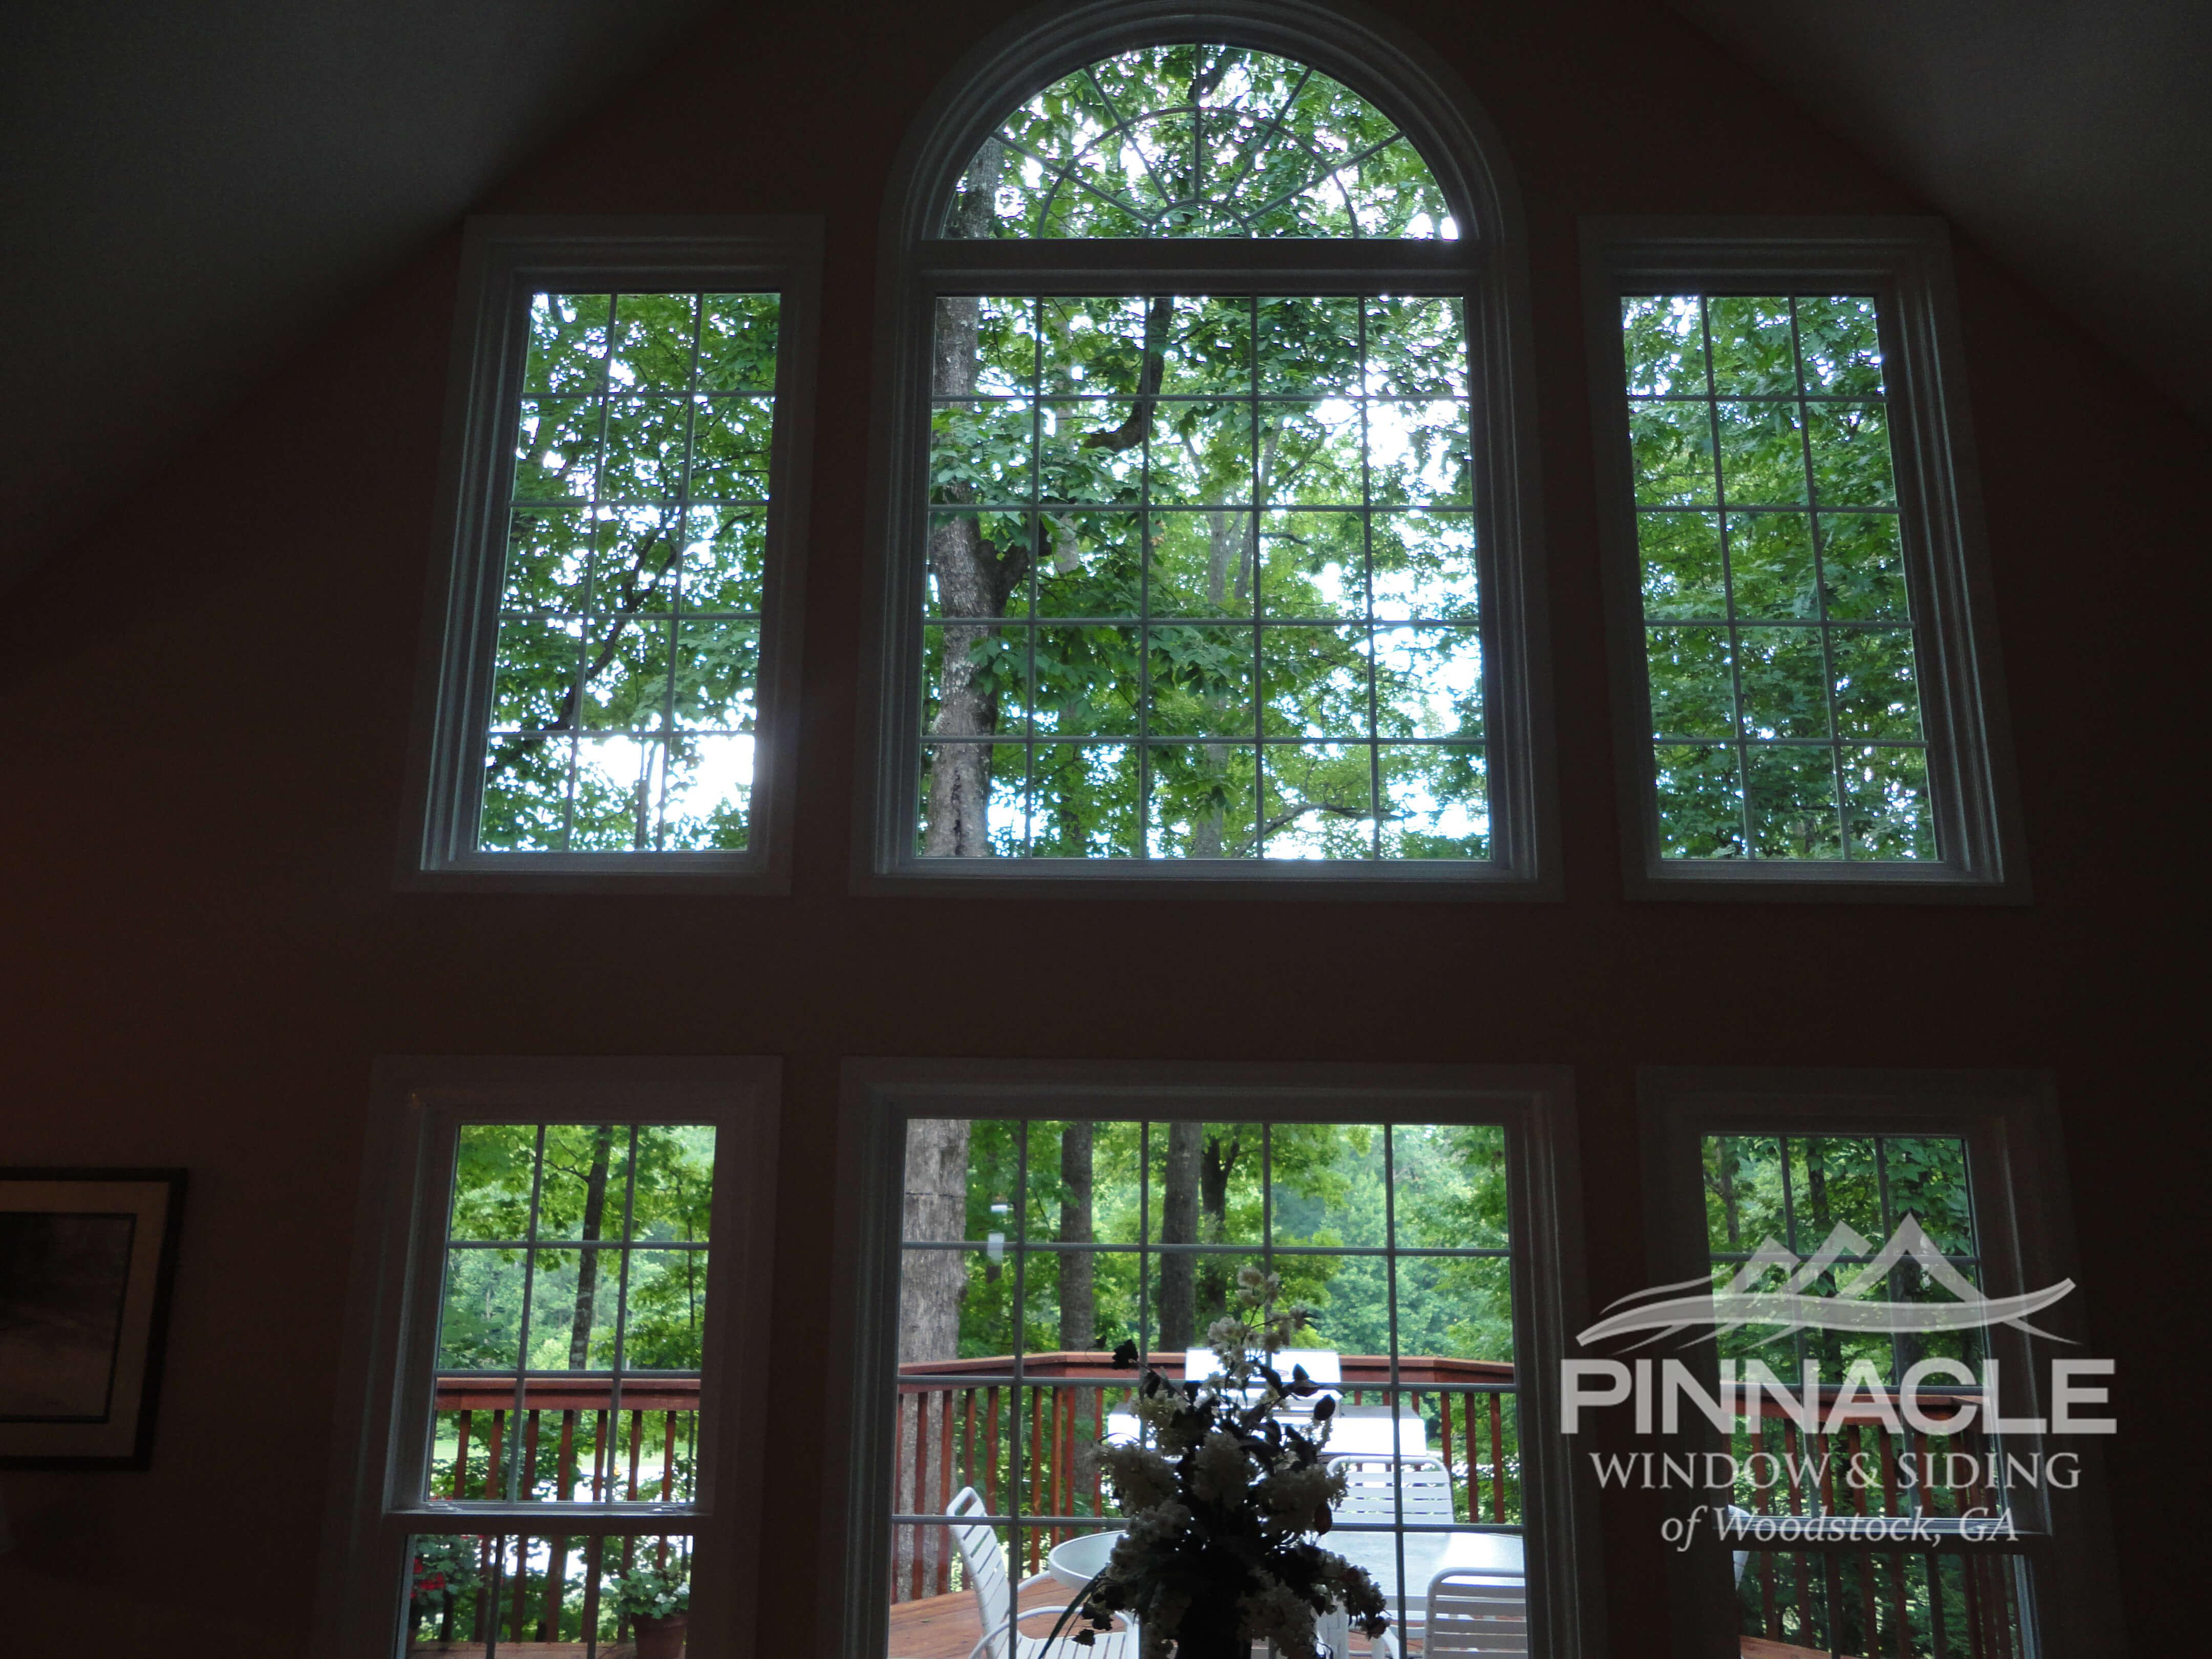 Gallery Pinnacle Window Amp Siding Woodstock Ga